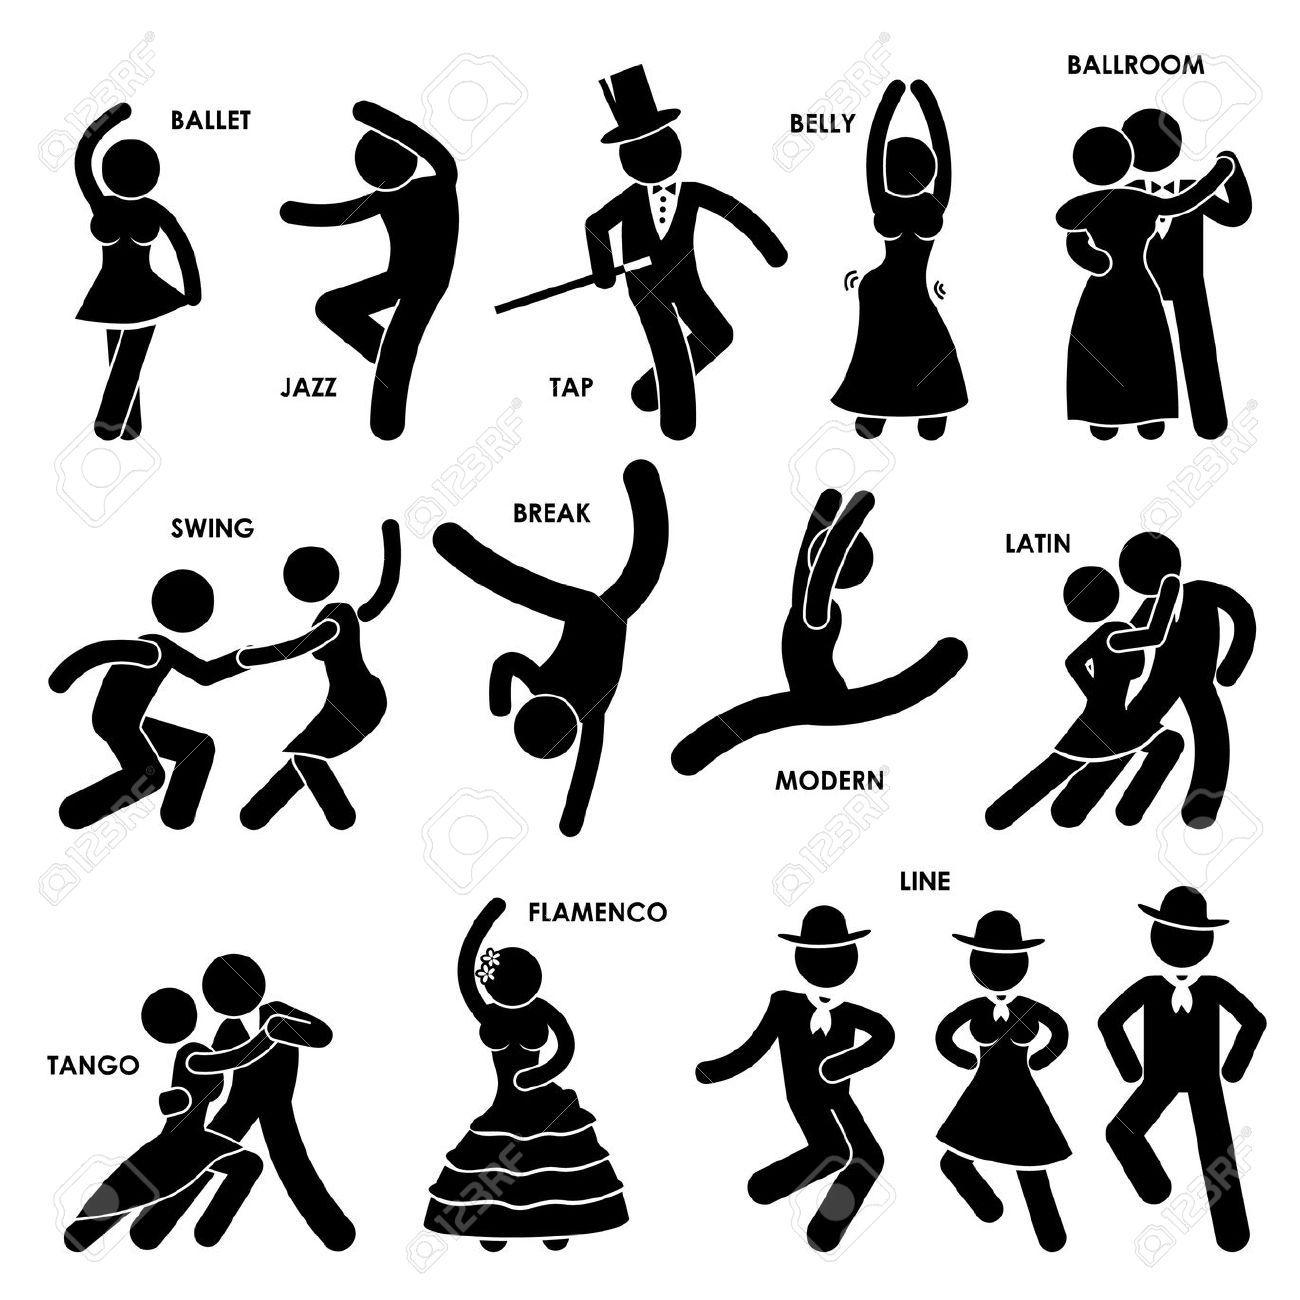 Afficher l 39 image d 39 origine coup d 39 coeur danse moderne jazz dessin danceuse et danseurs de - Dessin de danseuse moderne jazz ...